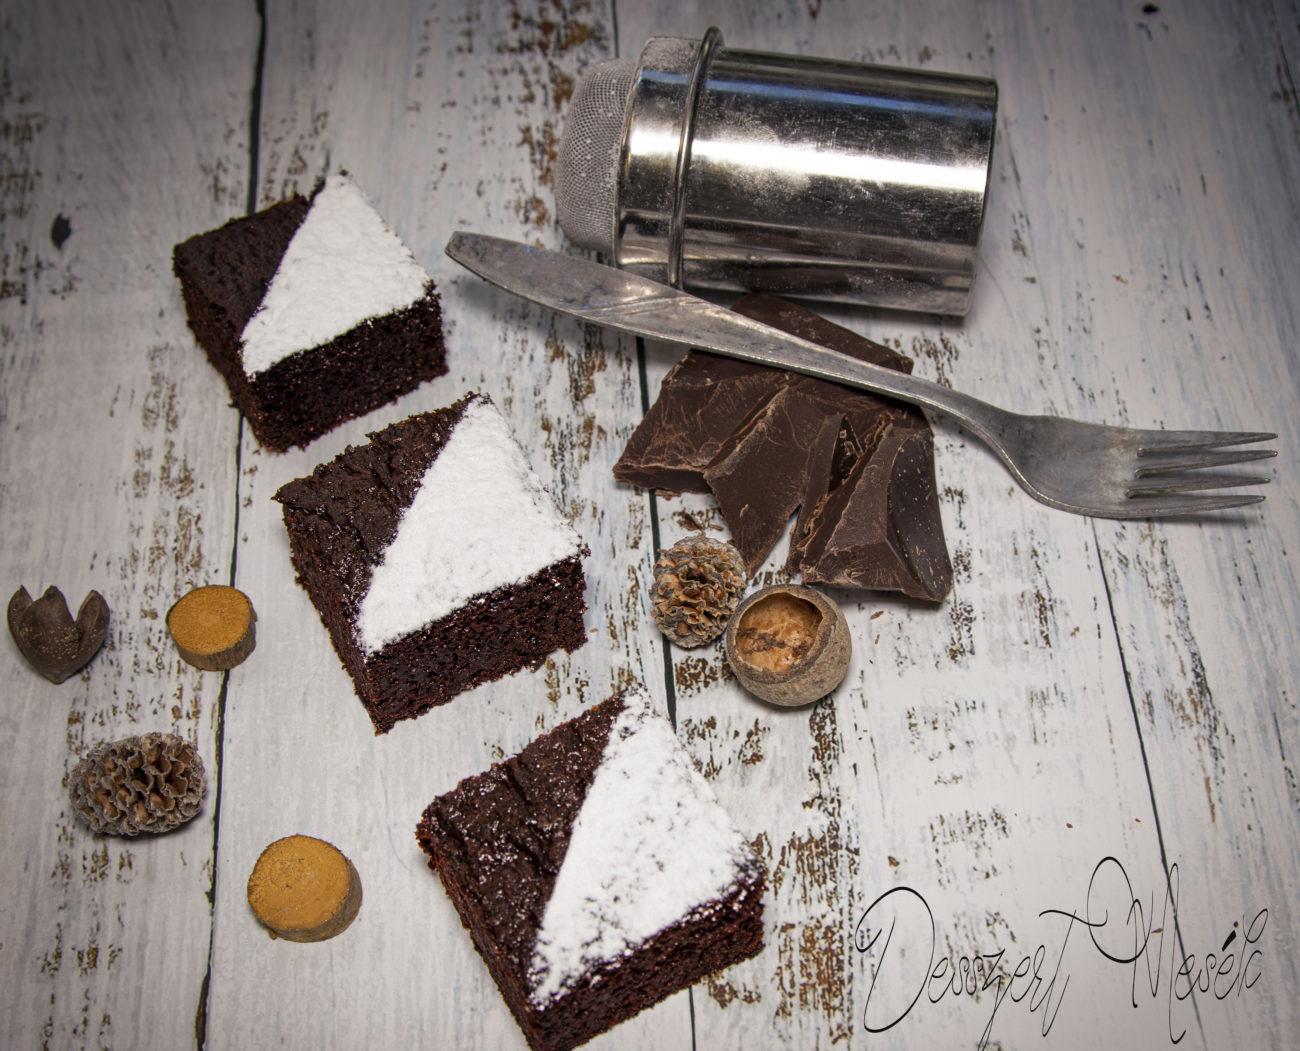 Szaftos csoki kocka recept